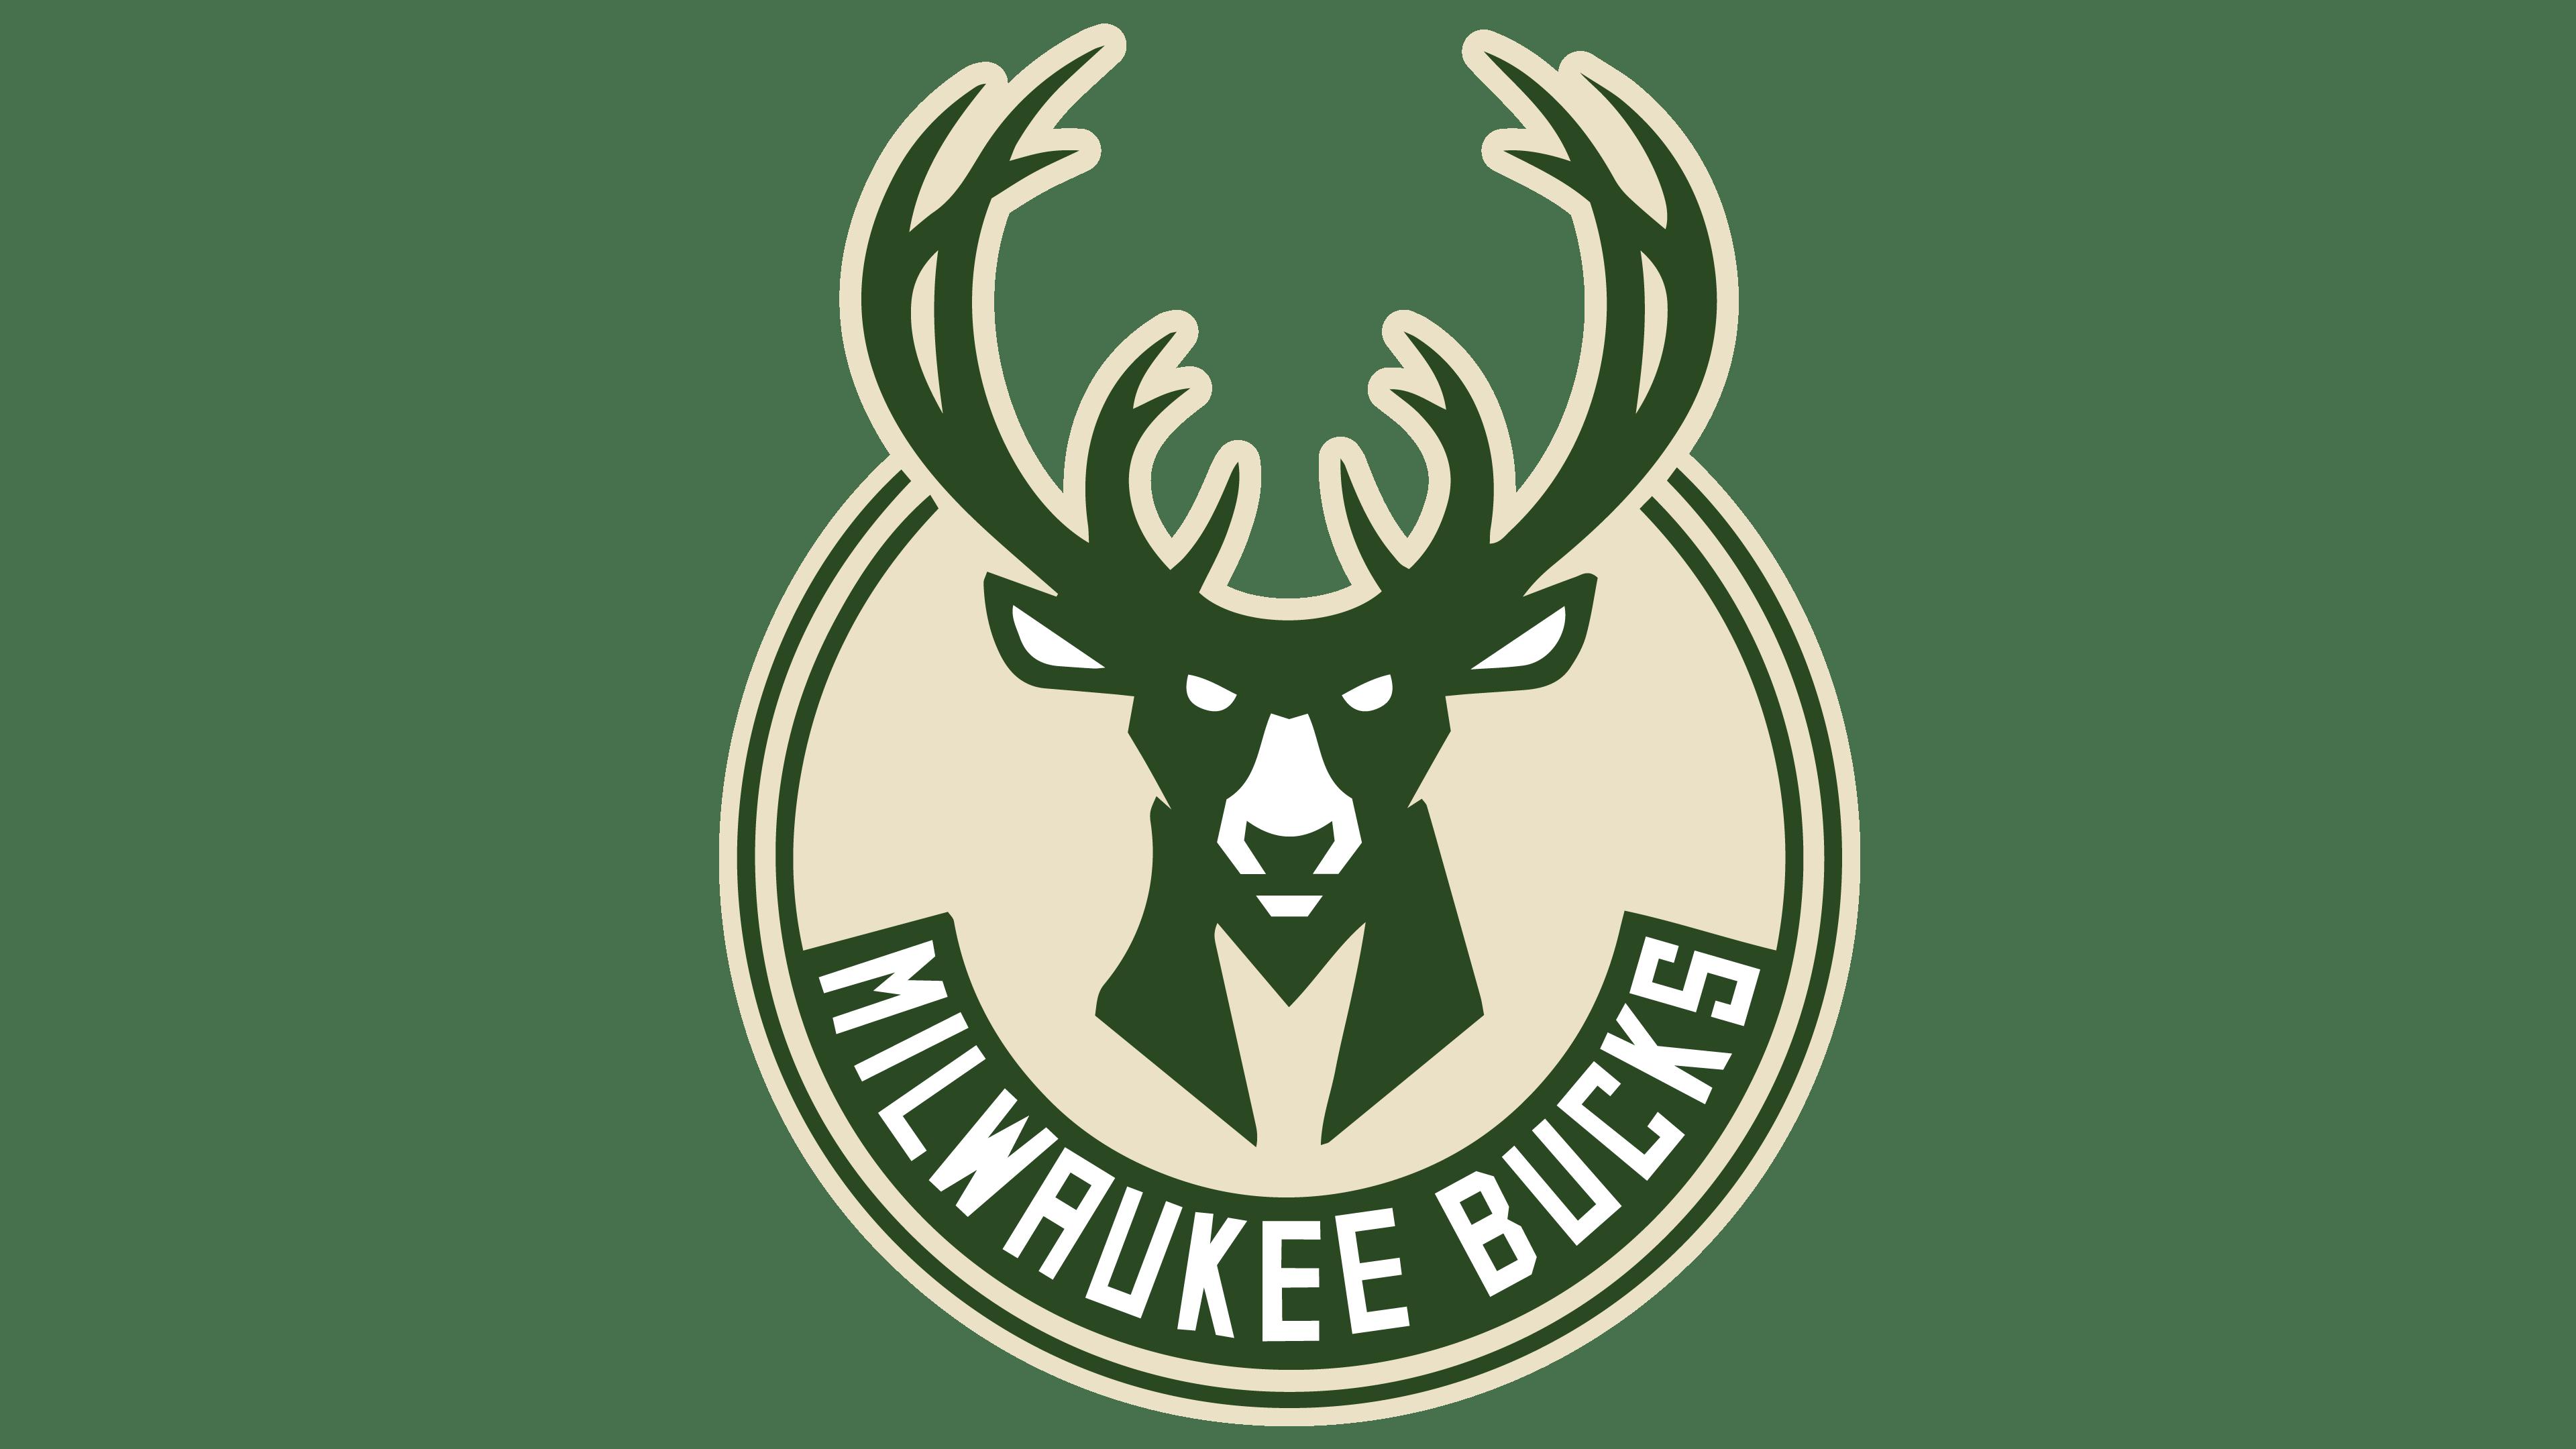 Milwaukee Bucks logos.